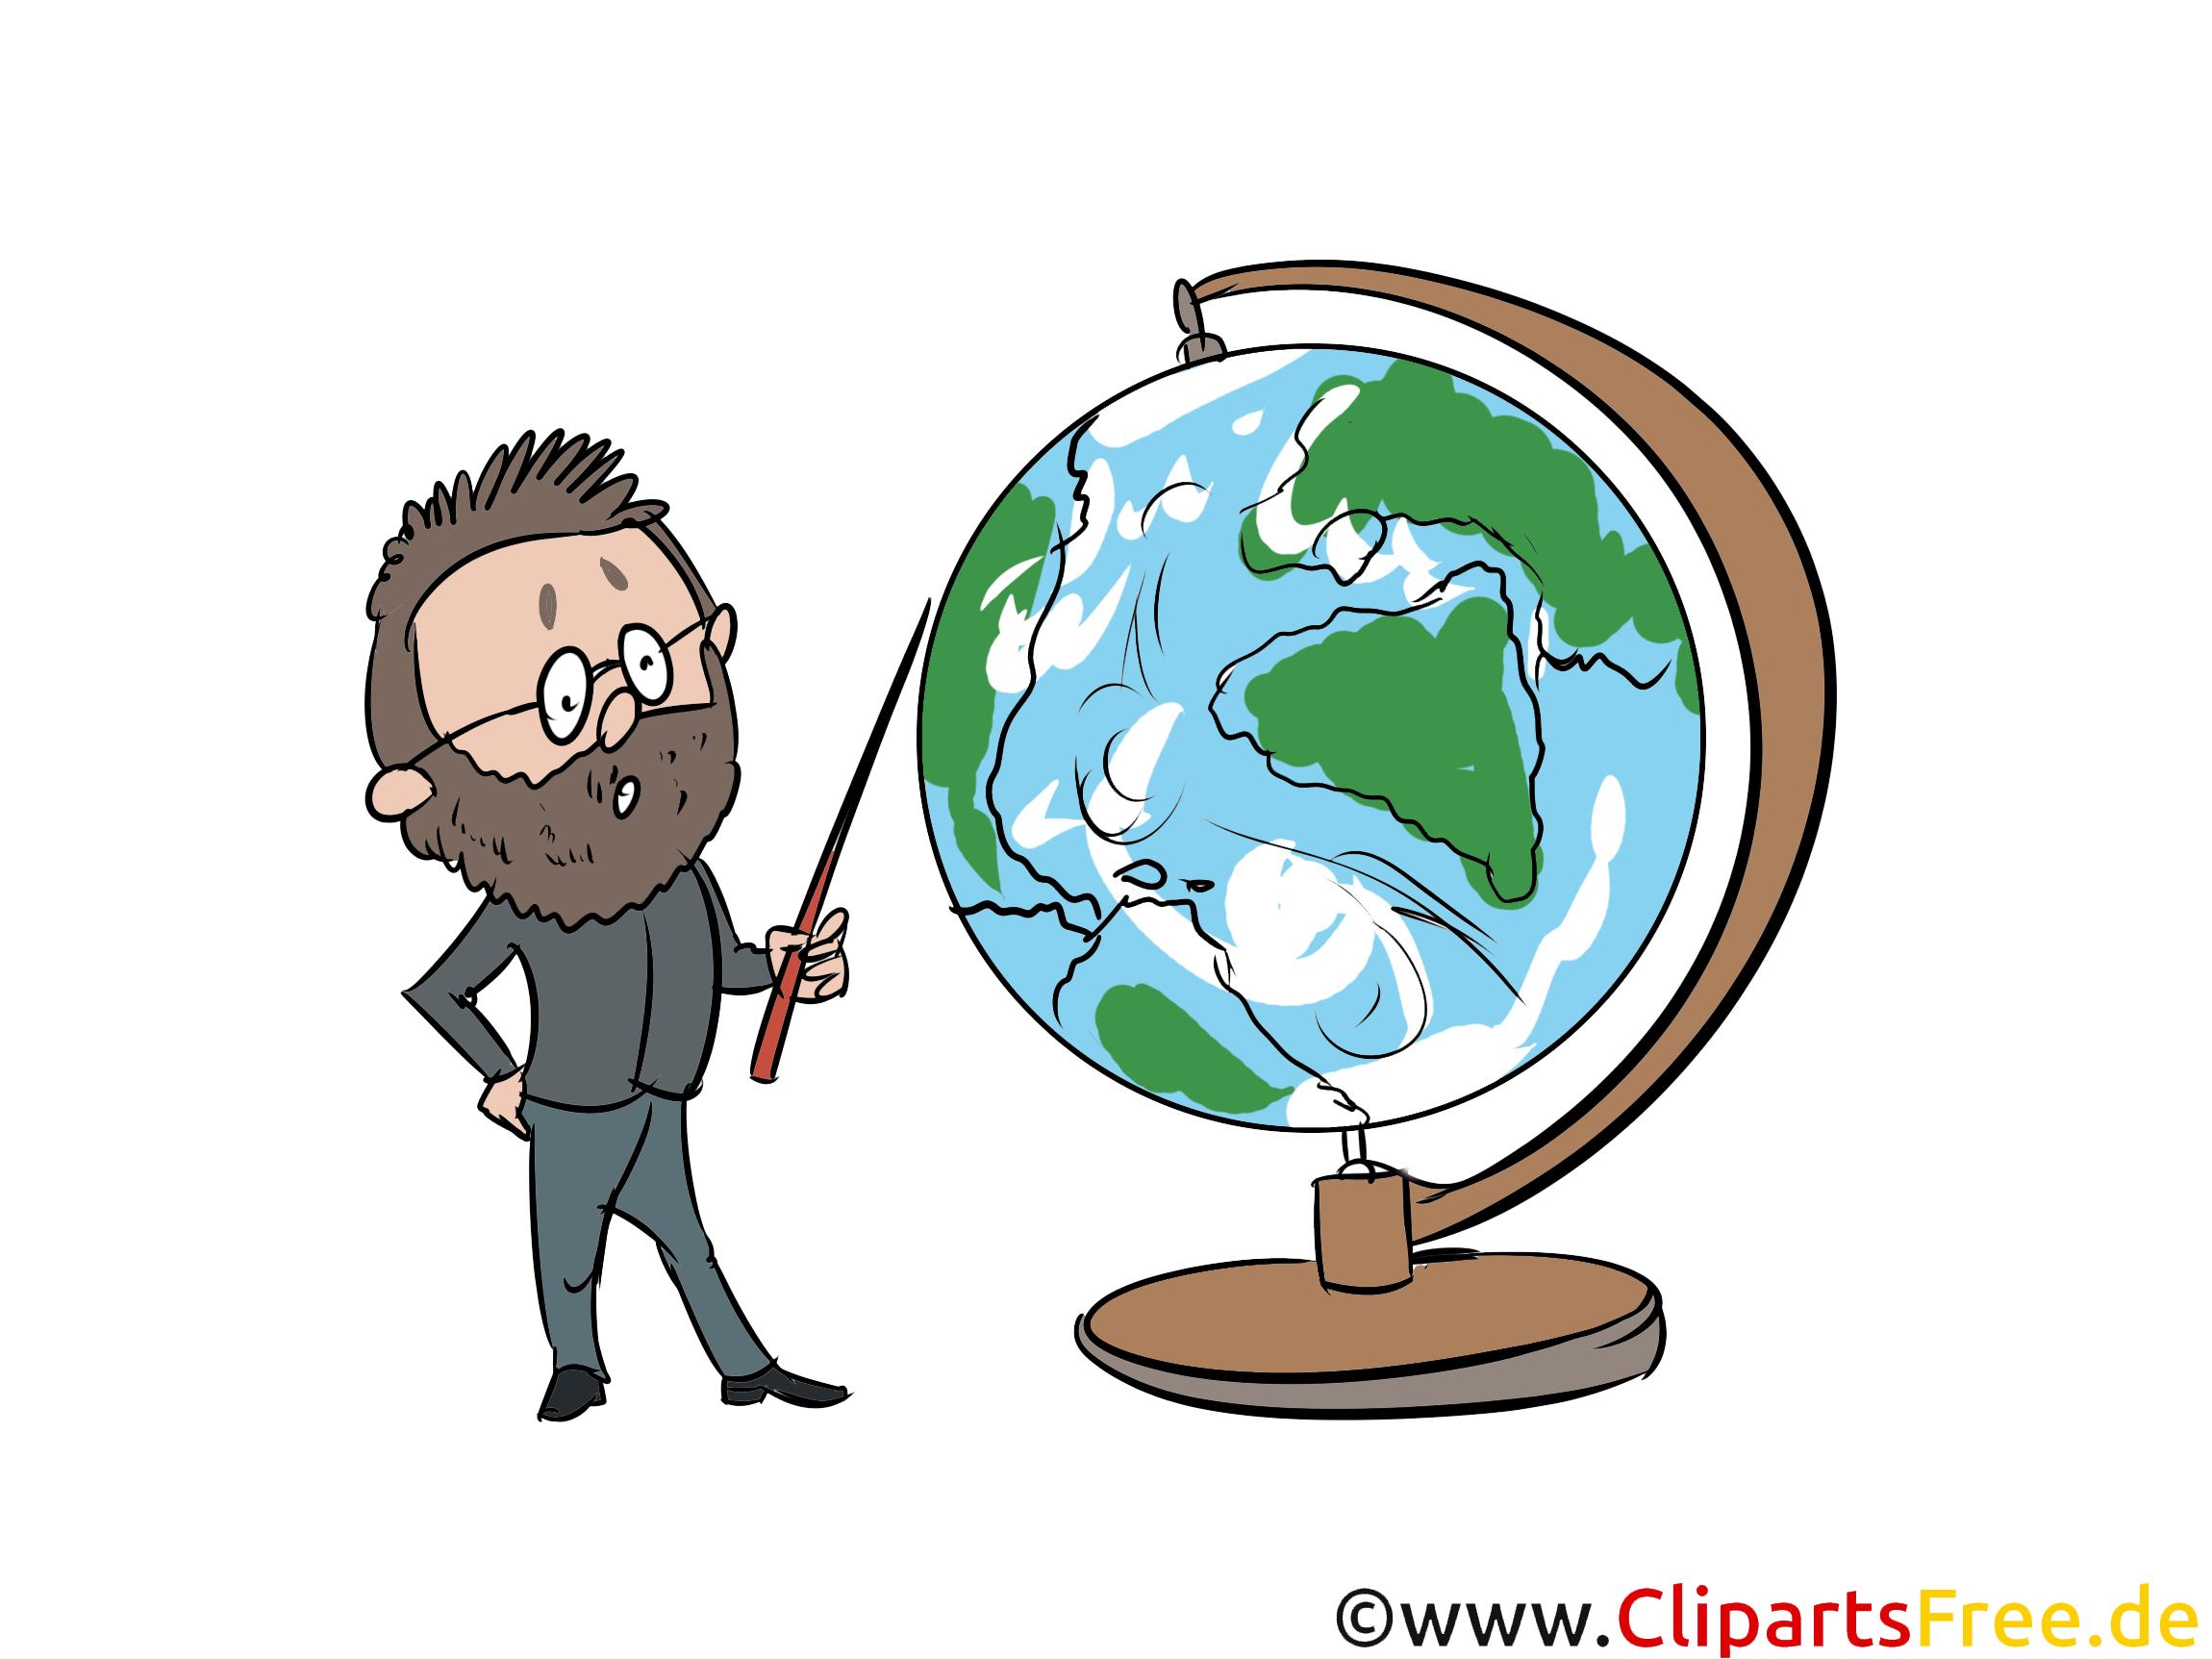 Wunderbar Globus Zum Ausdrucken Bilder - Malvorlagen Von Tieren ...